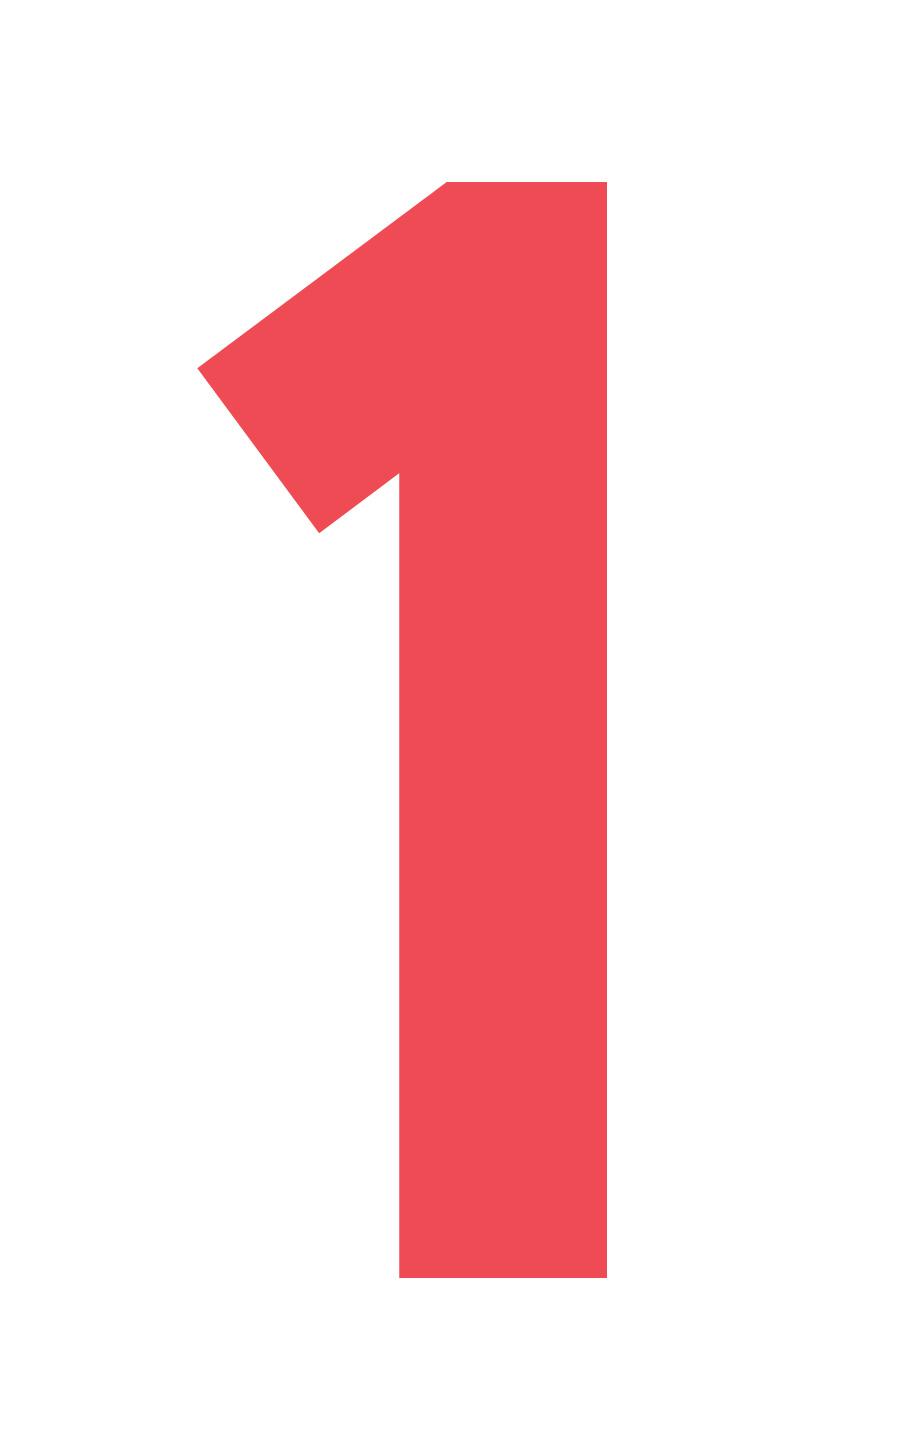 Numbers-01.jpg